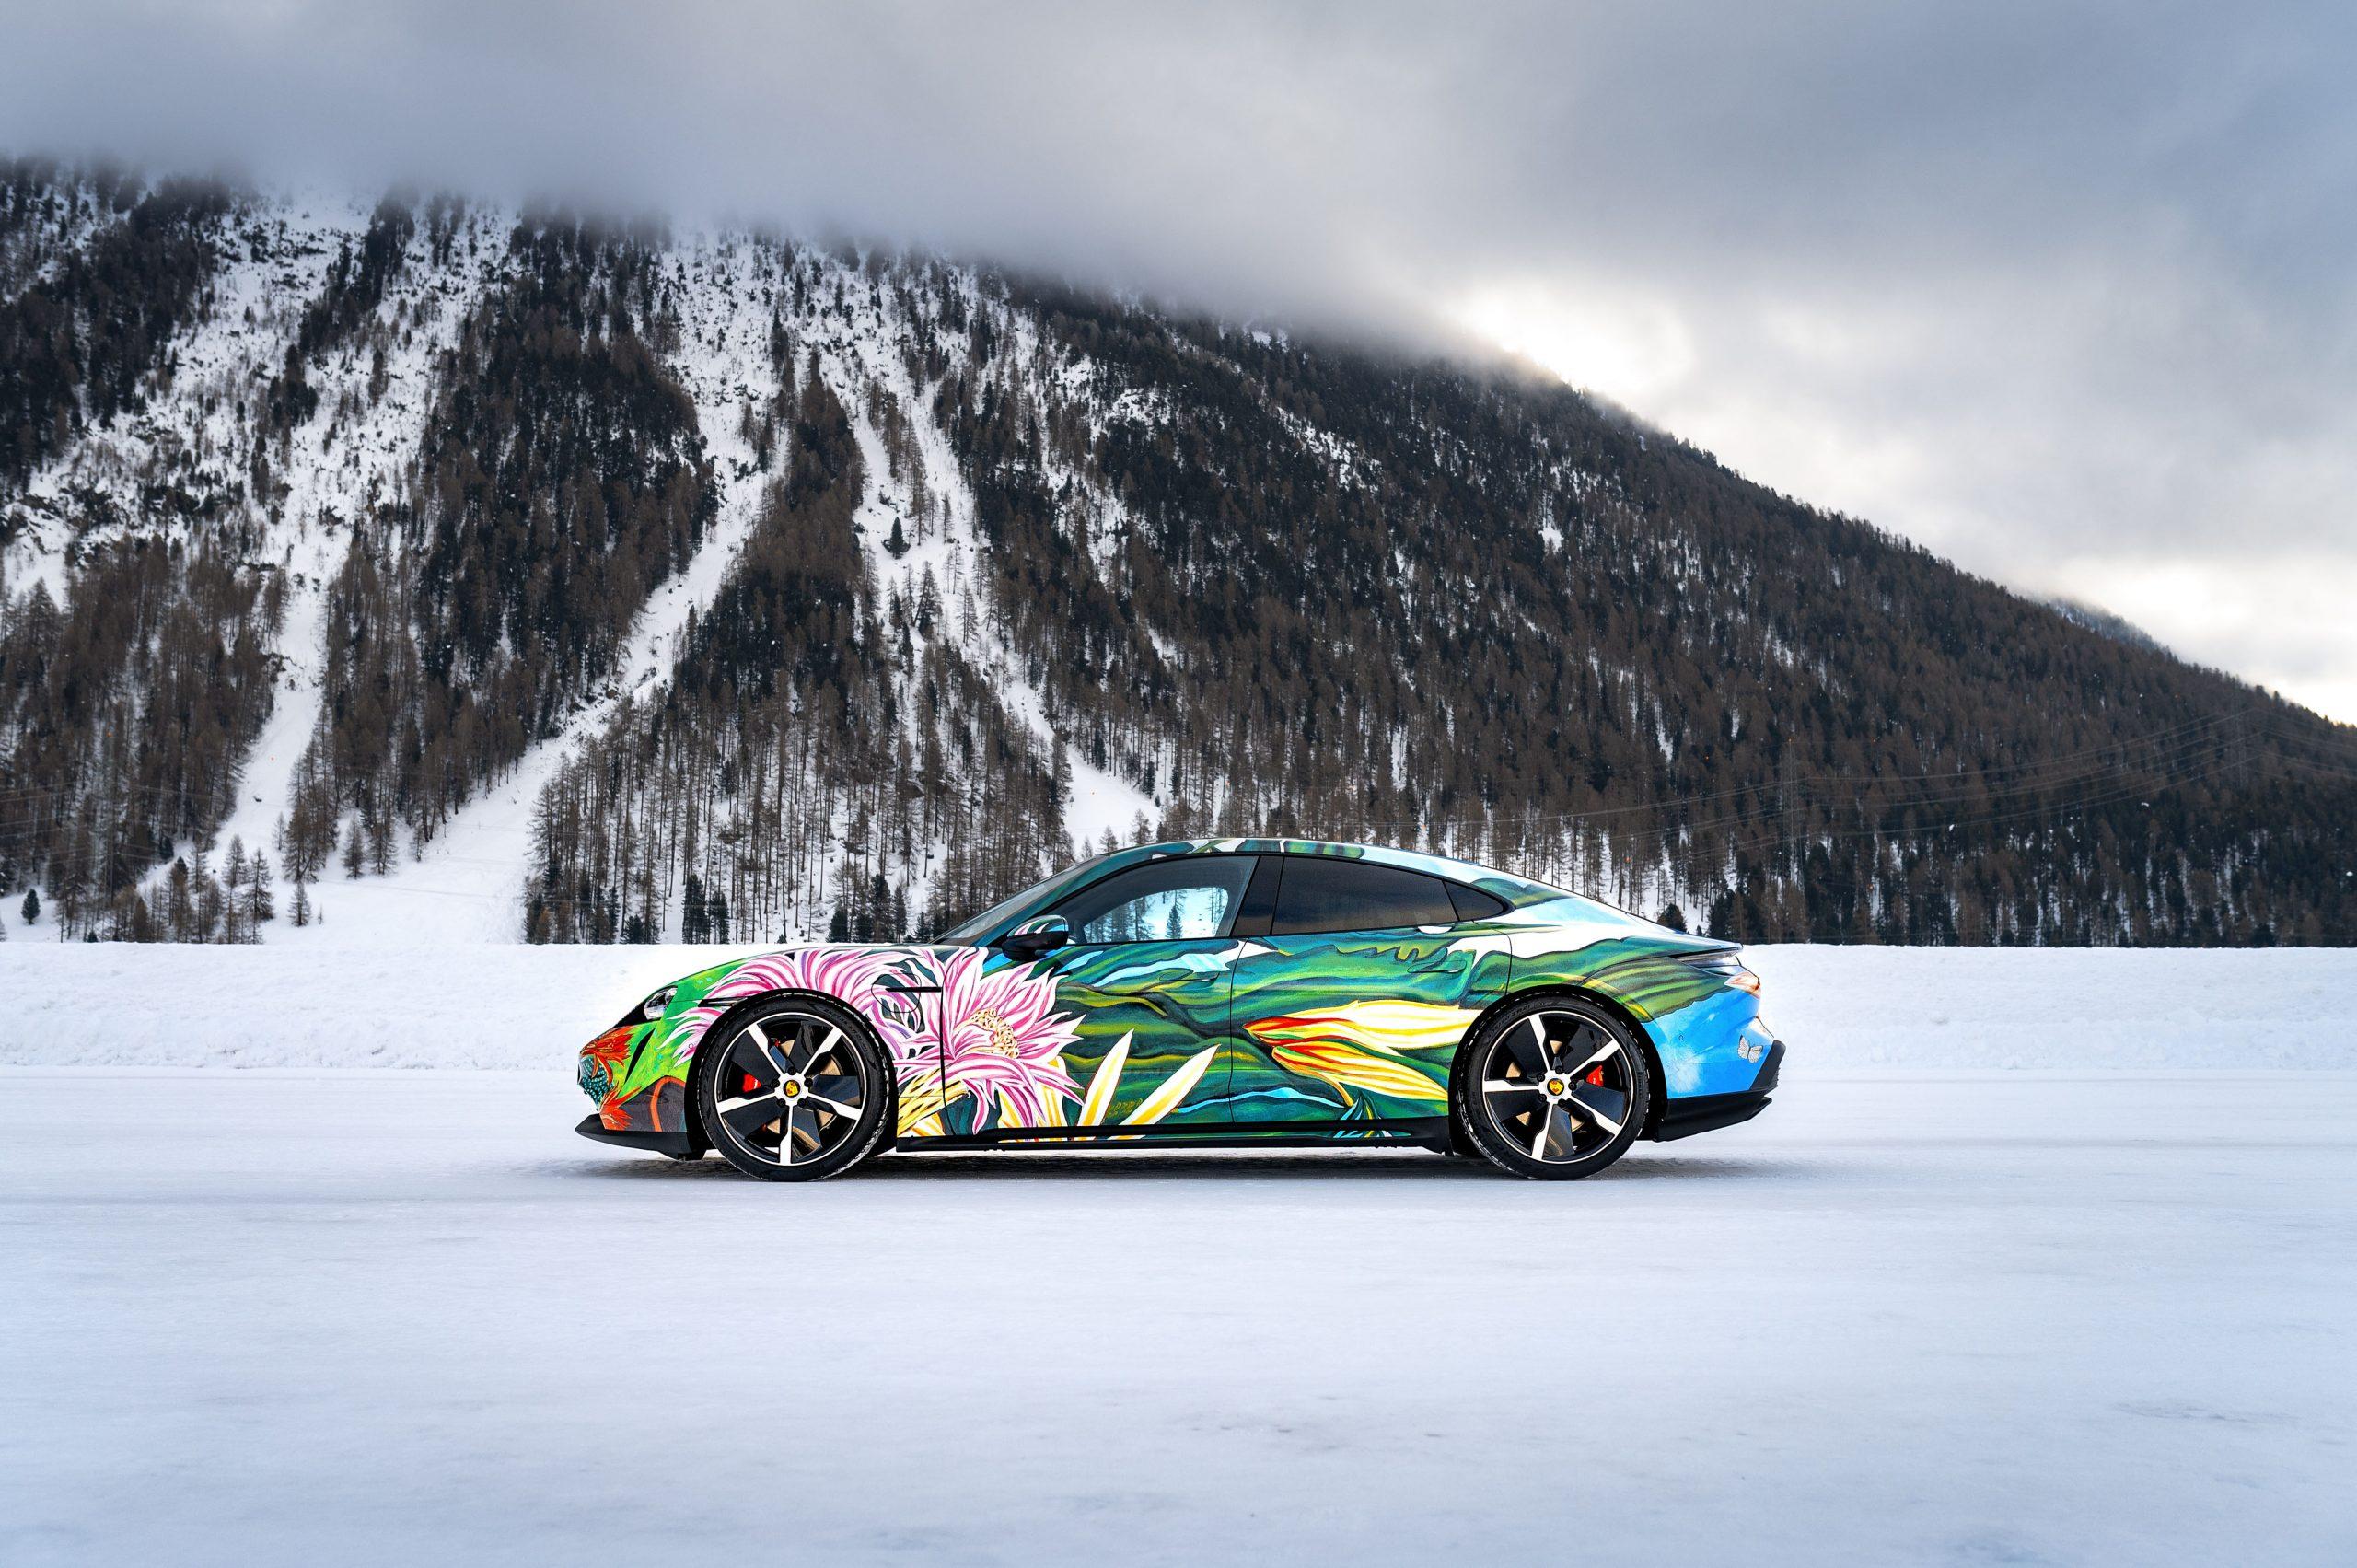 2020 Porsche Taycan 4S Artcar by Richard Phillips